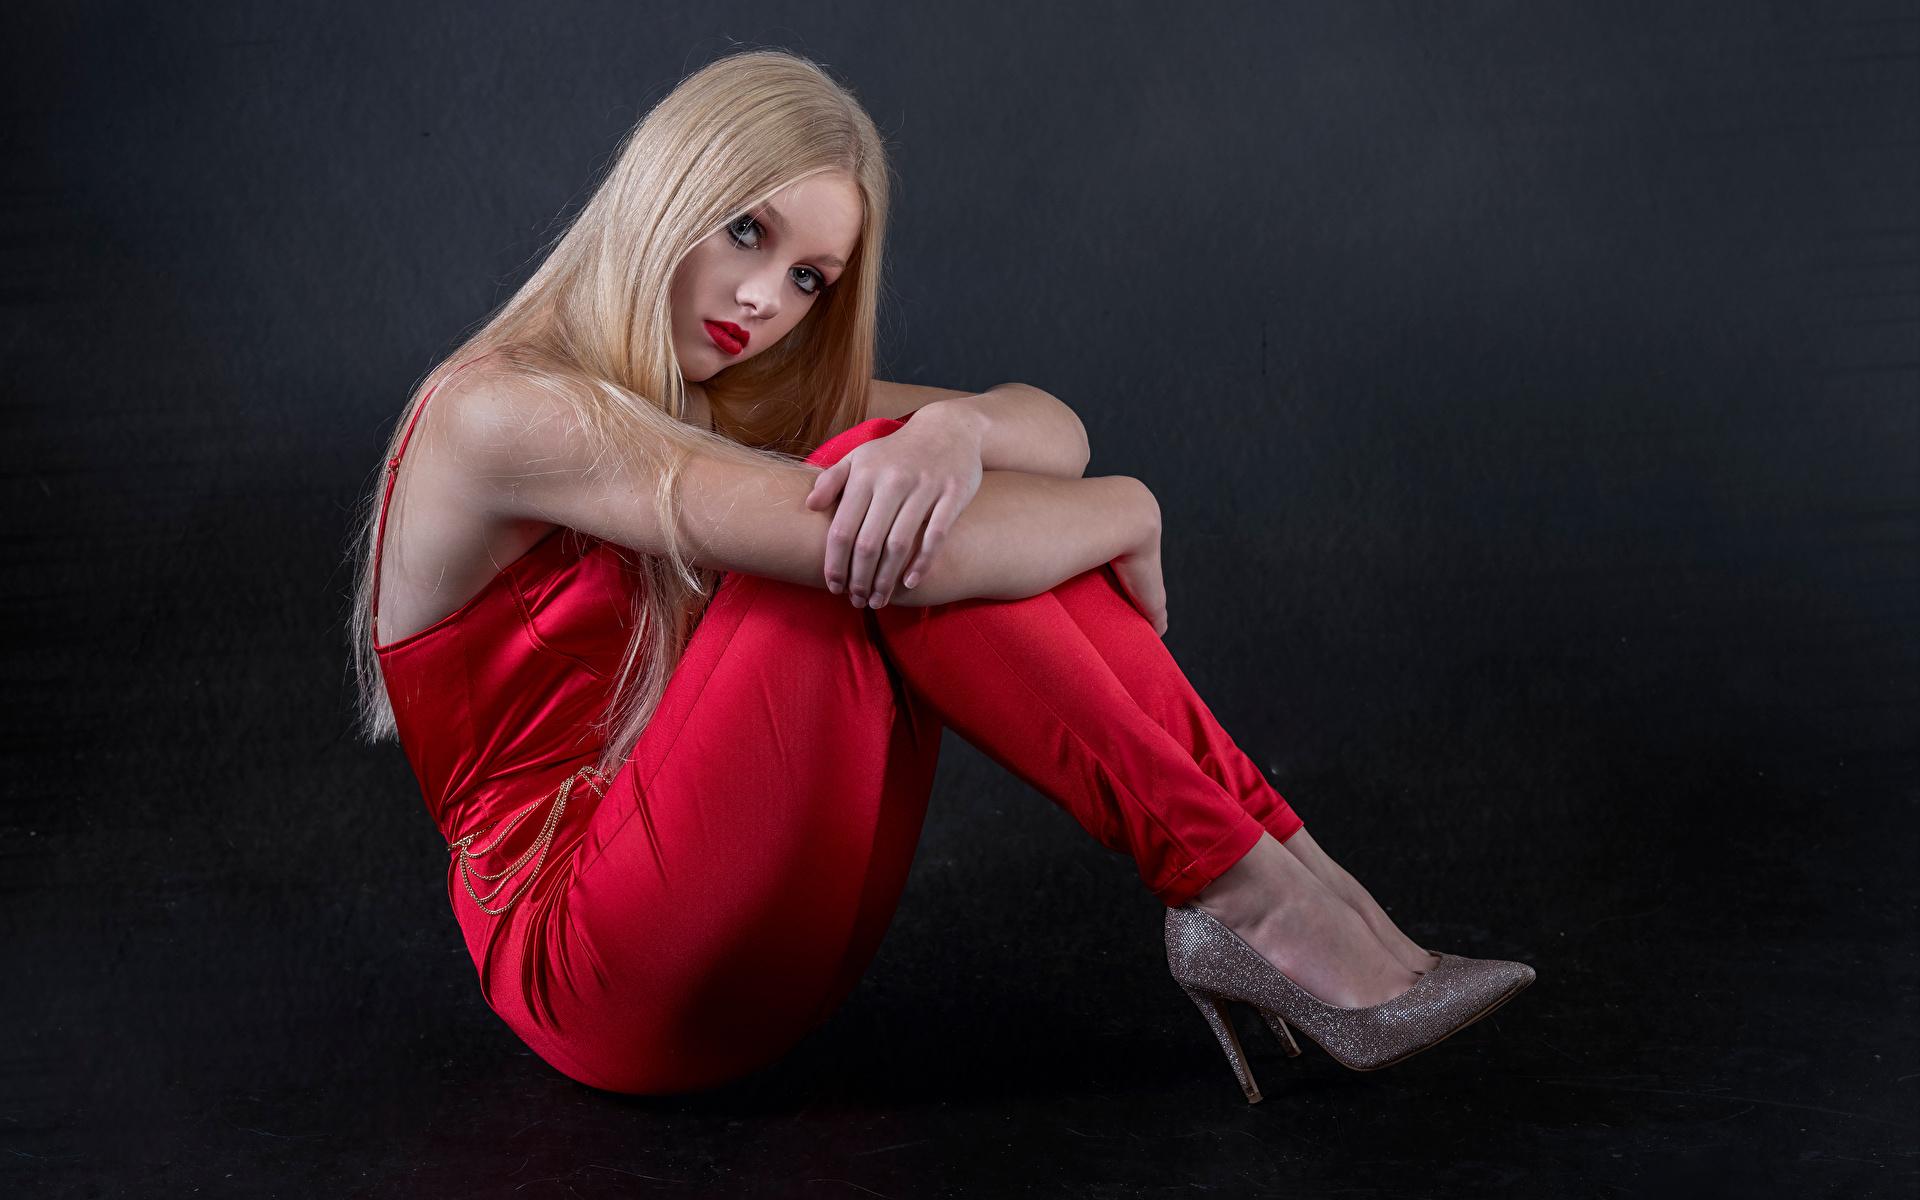 Картинки блондинки Mia позирует молодая женщина сидя смотрят 1920x1200 Блондинка блондинок Поза девушка Девушки молодые женщины Сидит сидящие Взгляд смотрит